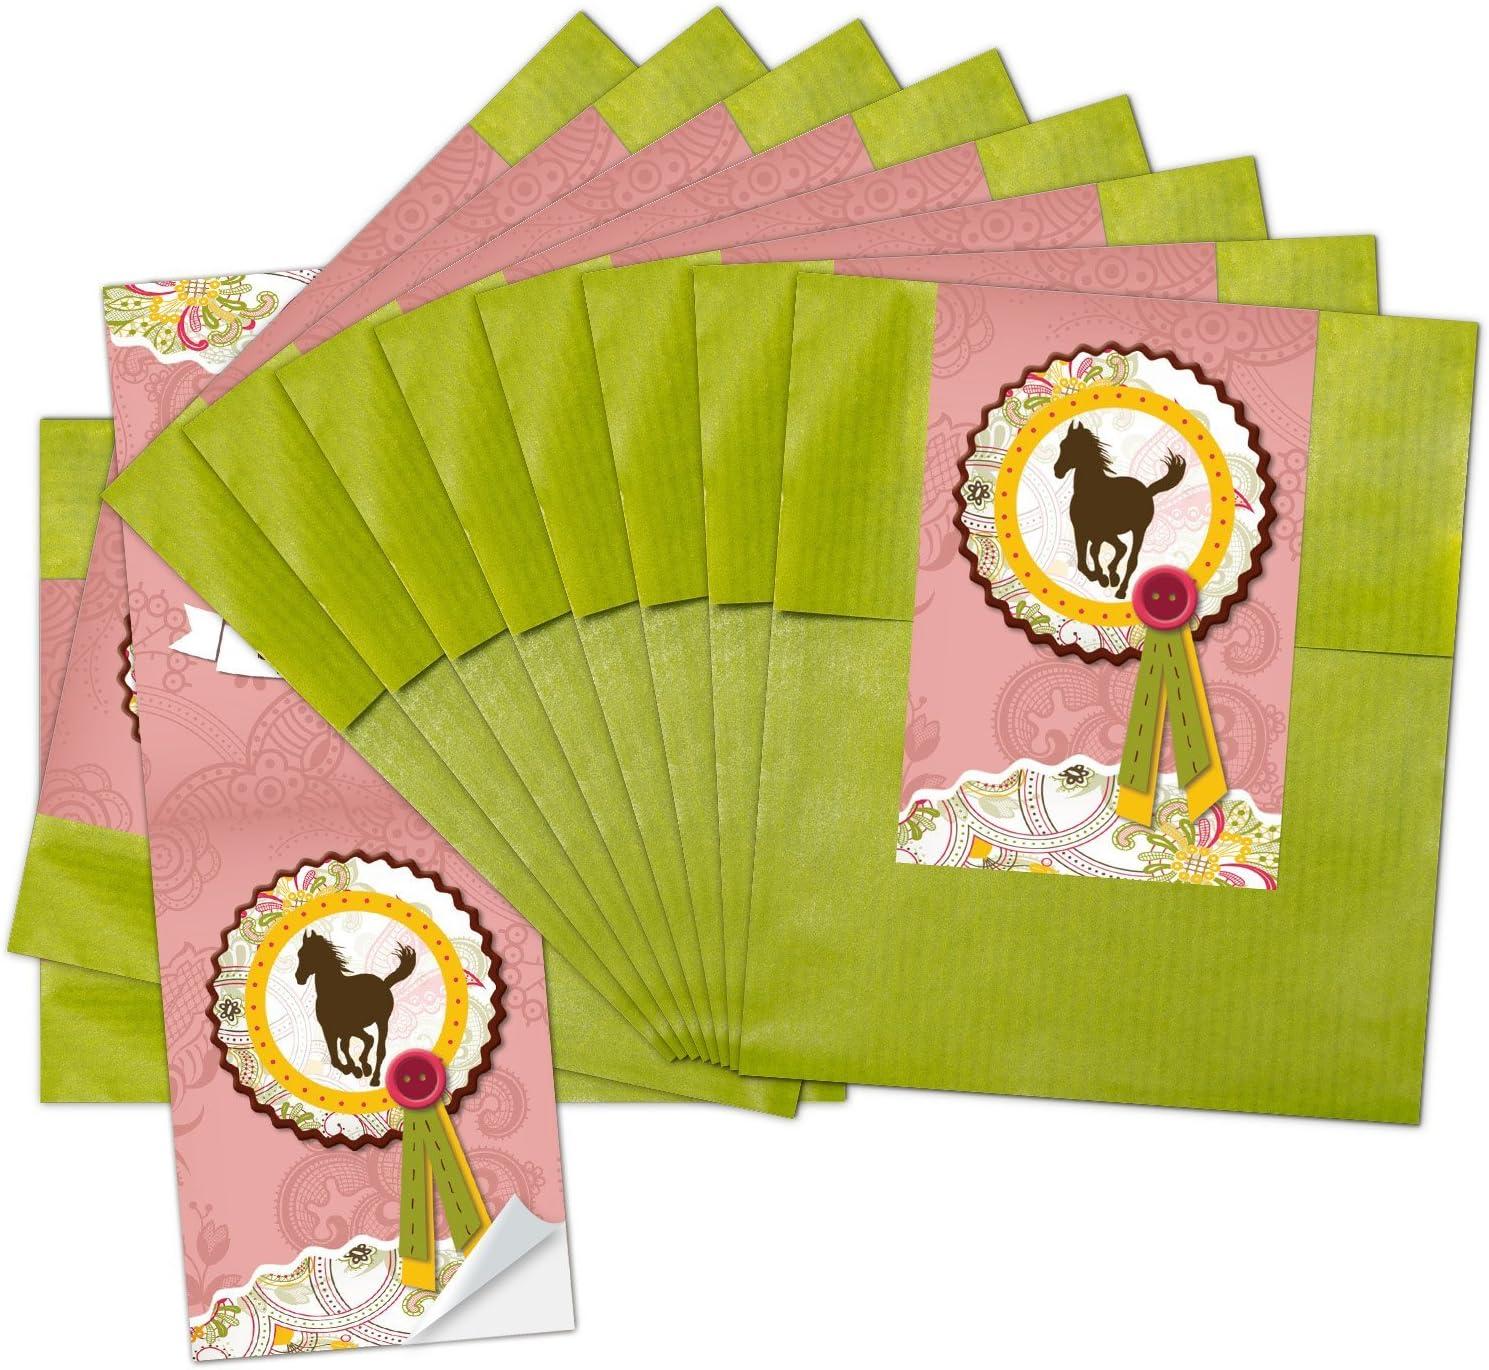 10 bolsas de papel pequeñas verdes para regalo (9,5 x 14 cm) con pegatina